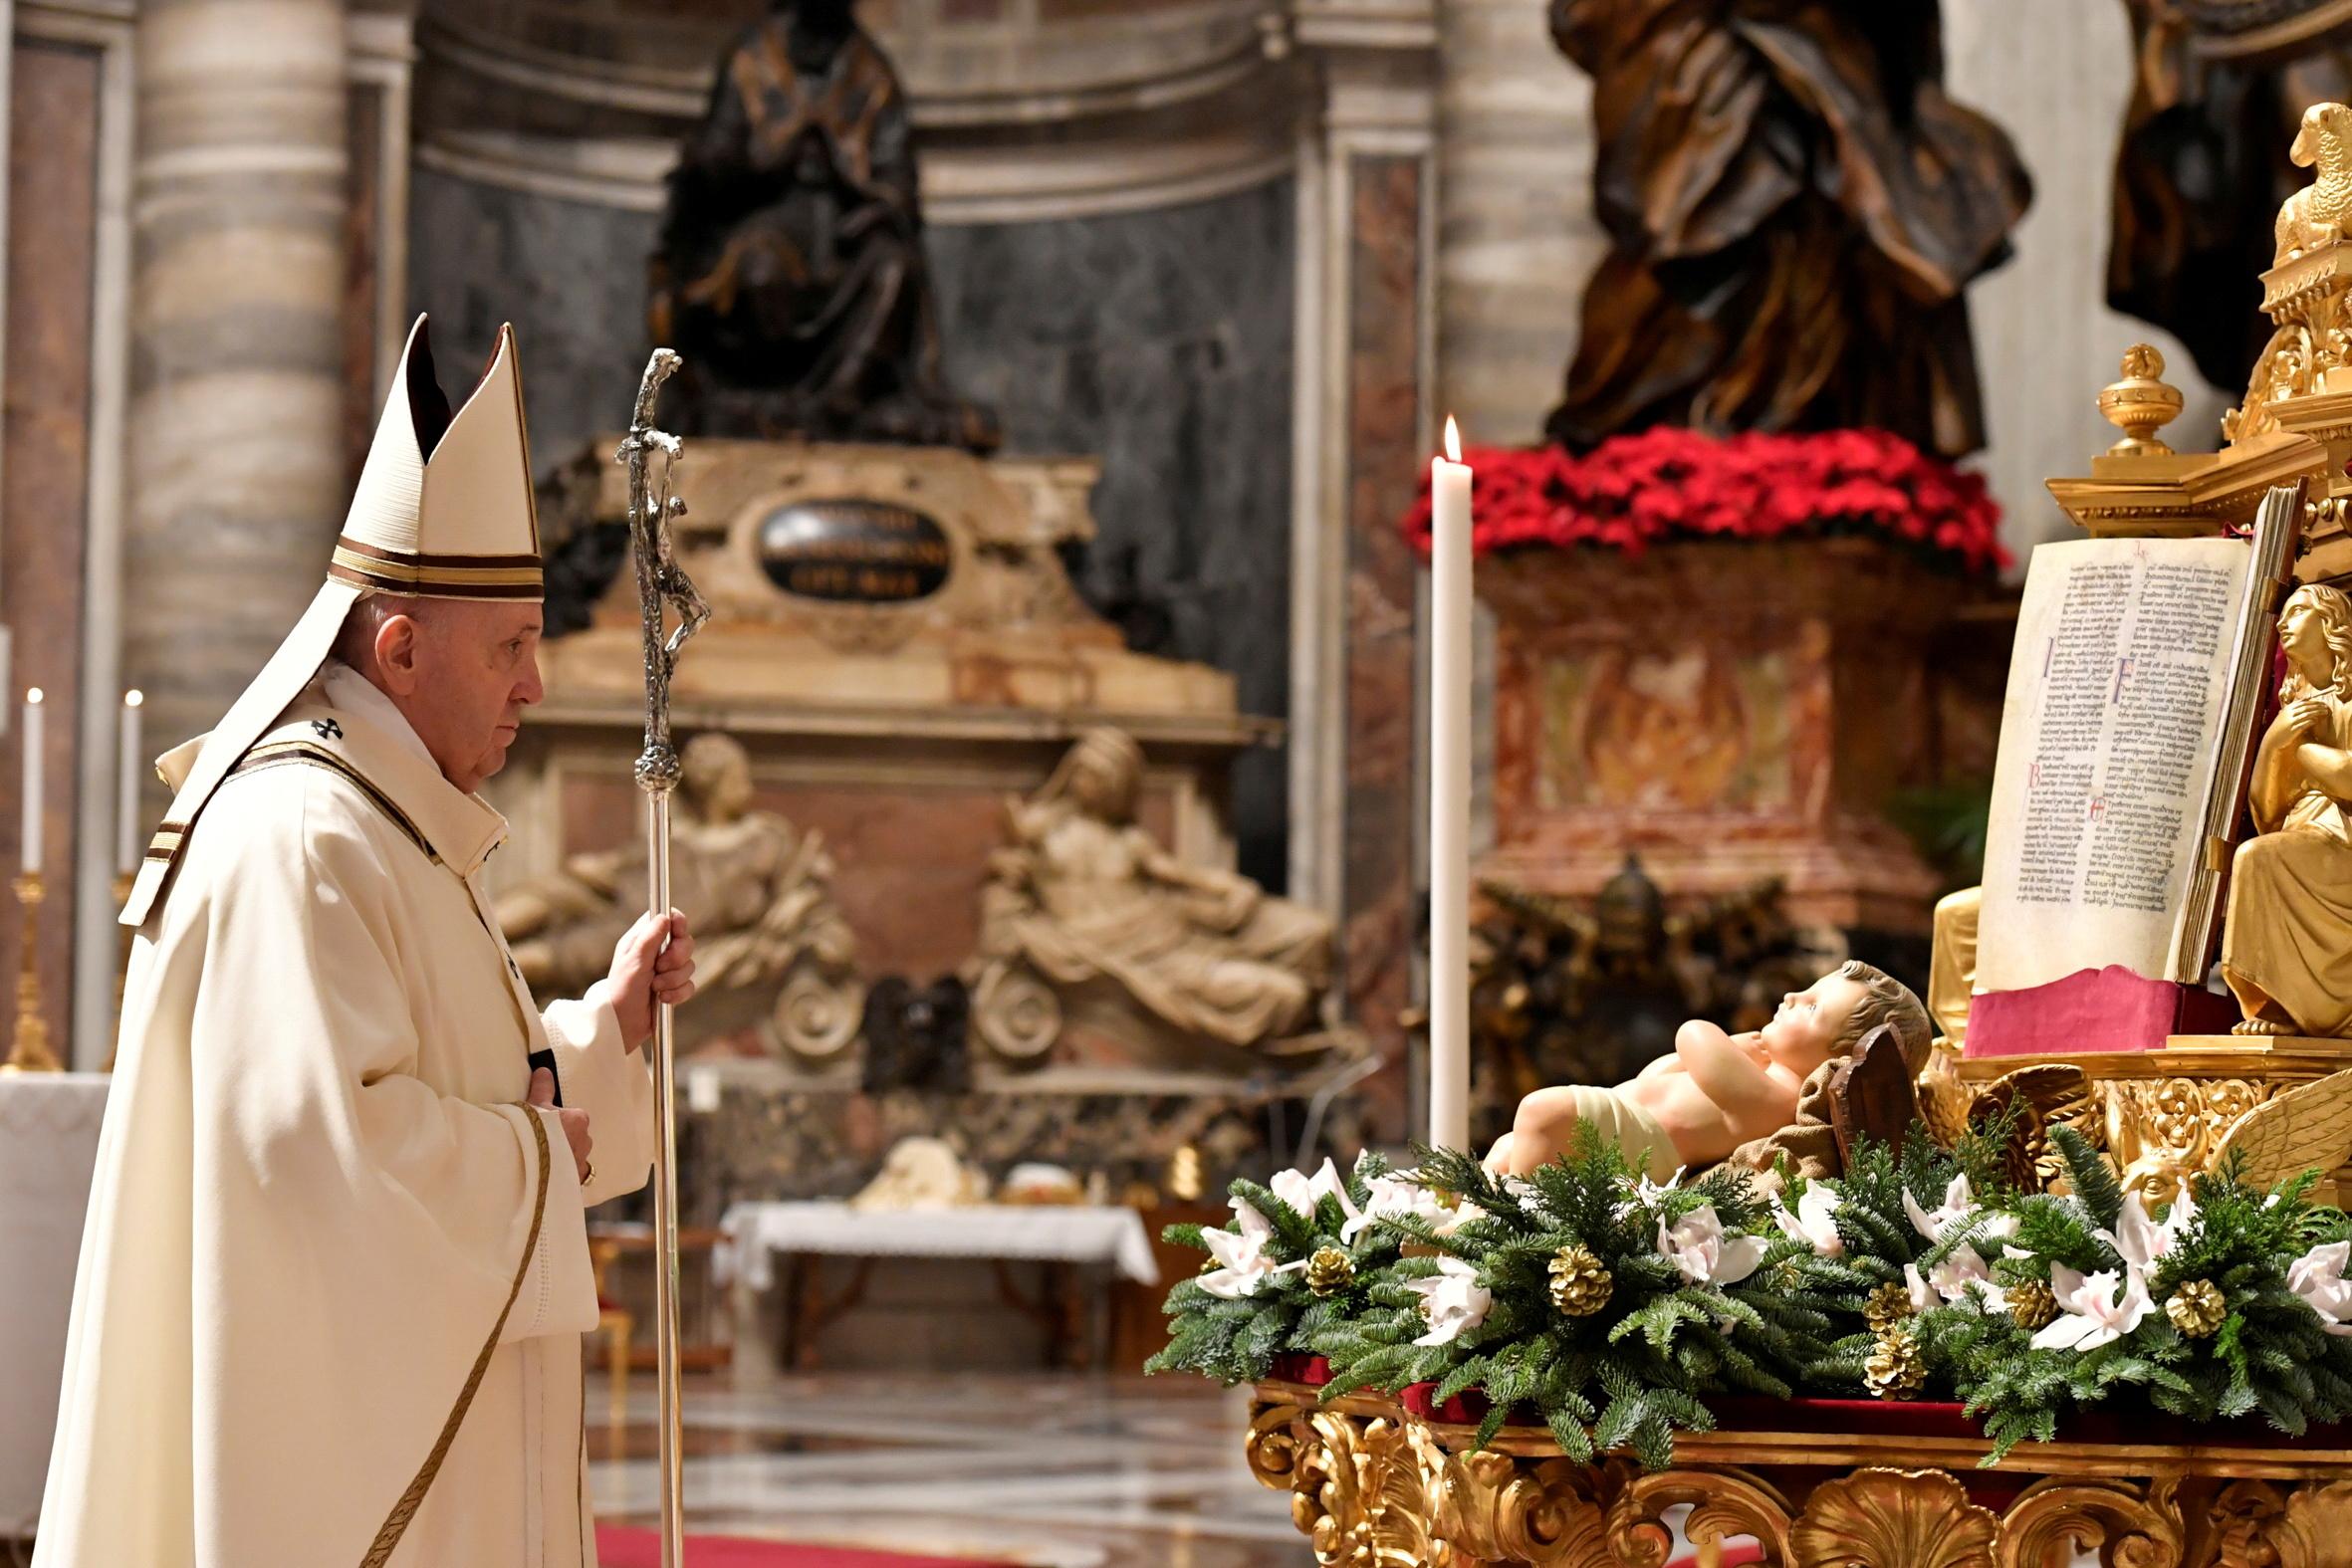 वेटिकन में पोप फ्रांसिस ने क्रिसमस पर प्रार्थना की। कोरोना को देखते हुए रेगुलेशन की वजह से यहां काफी कम भीड़ रही।